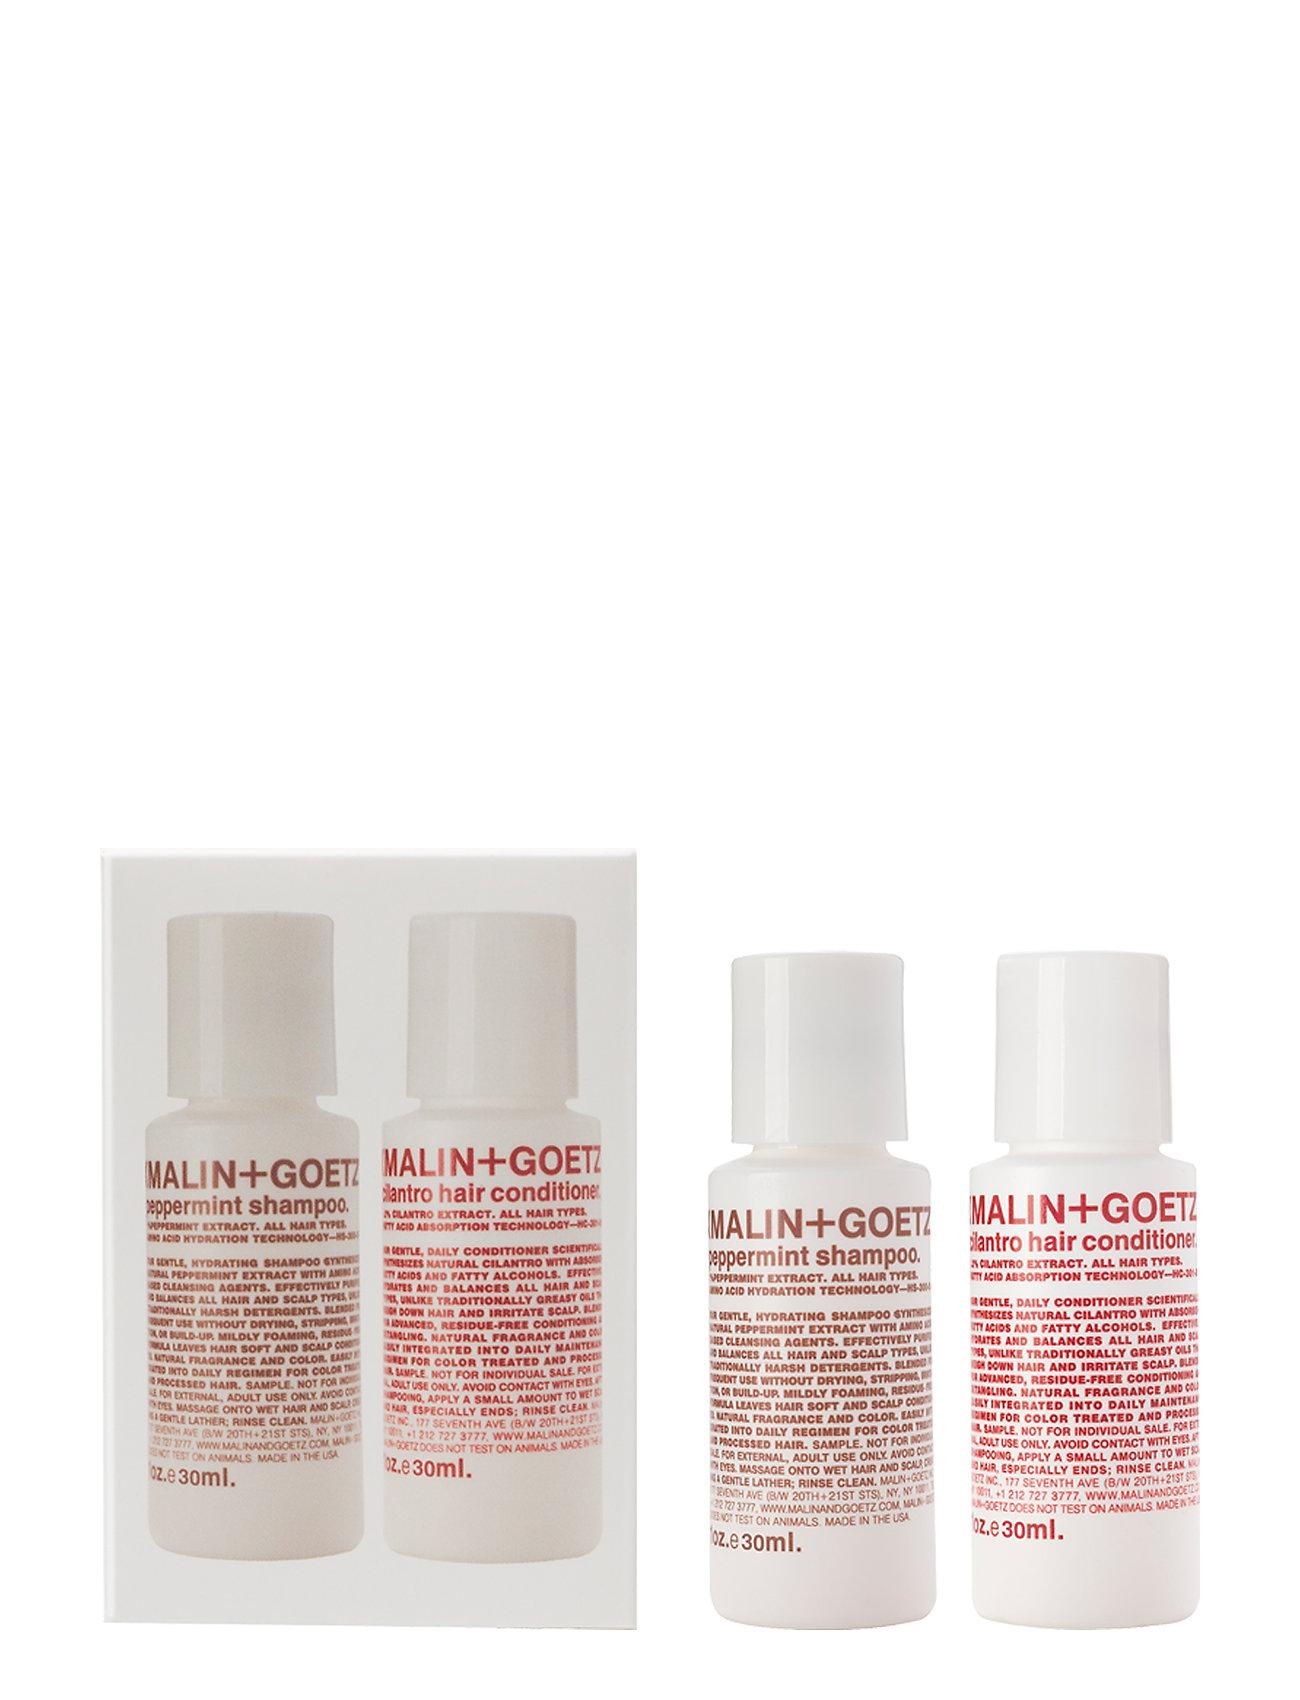 Malin+Goetz Hair Essentials Duo - NO COLOR